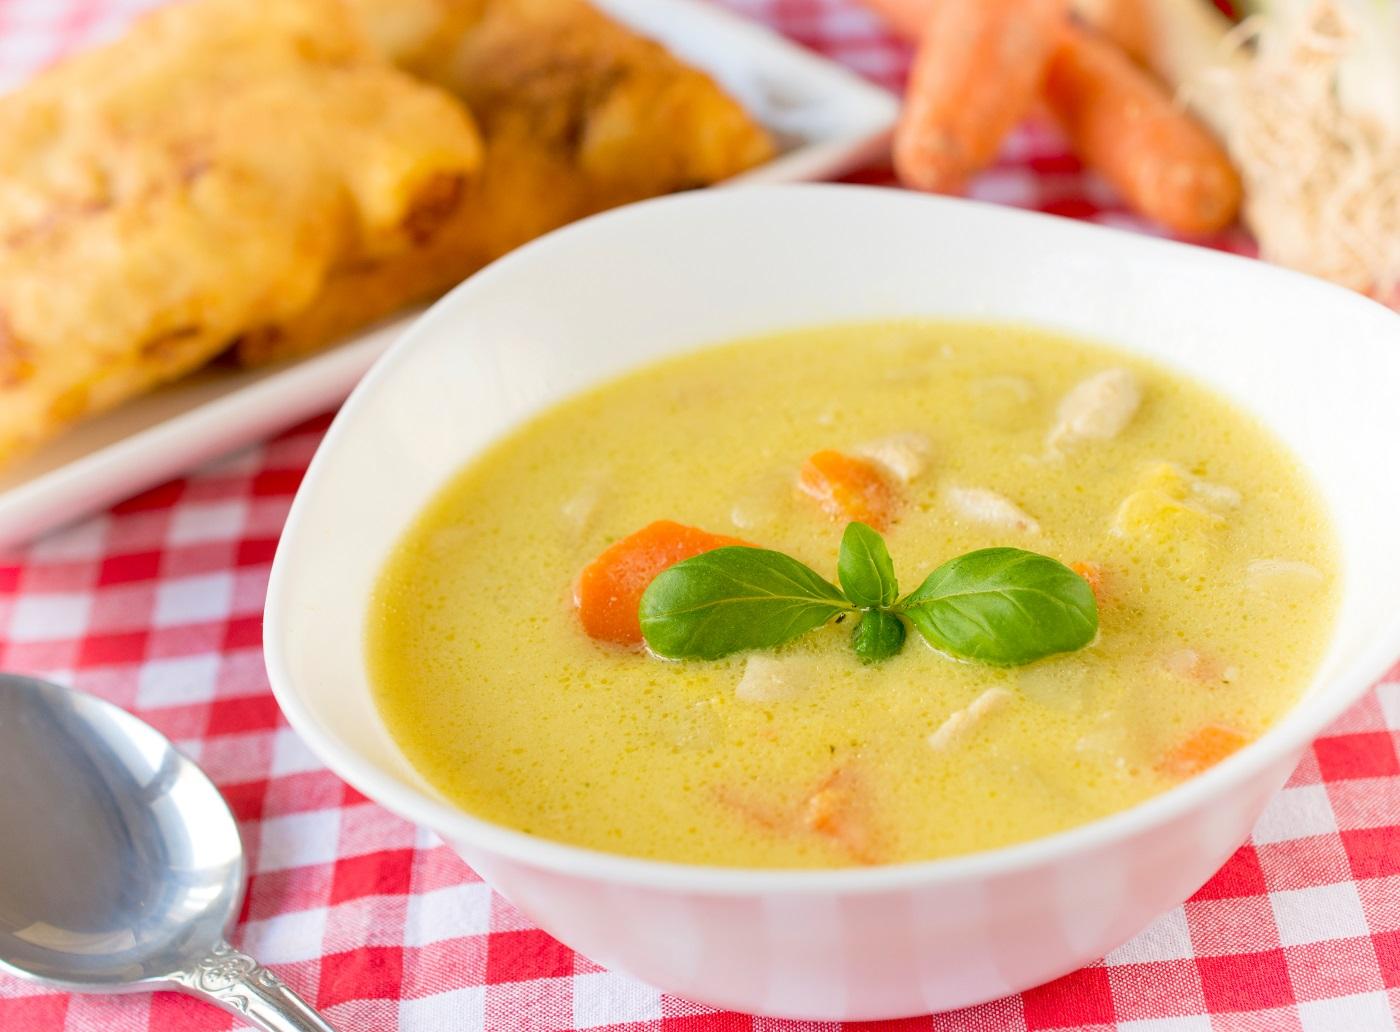 ひと手間かけた料理に見える!簡単スープレシピ5選